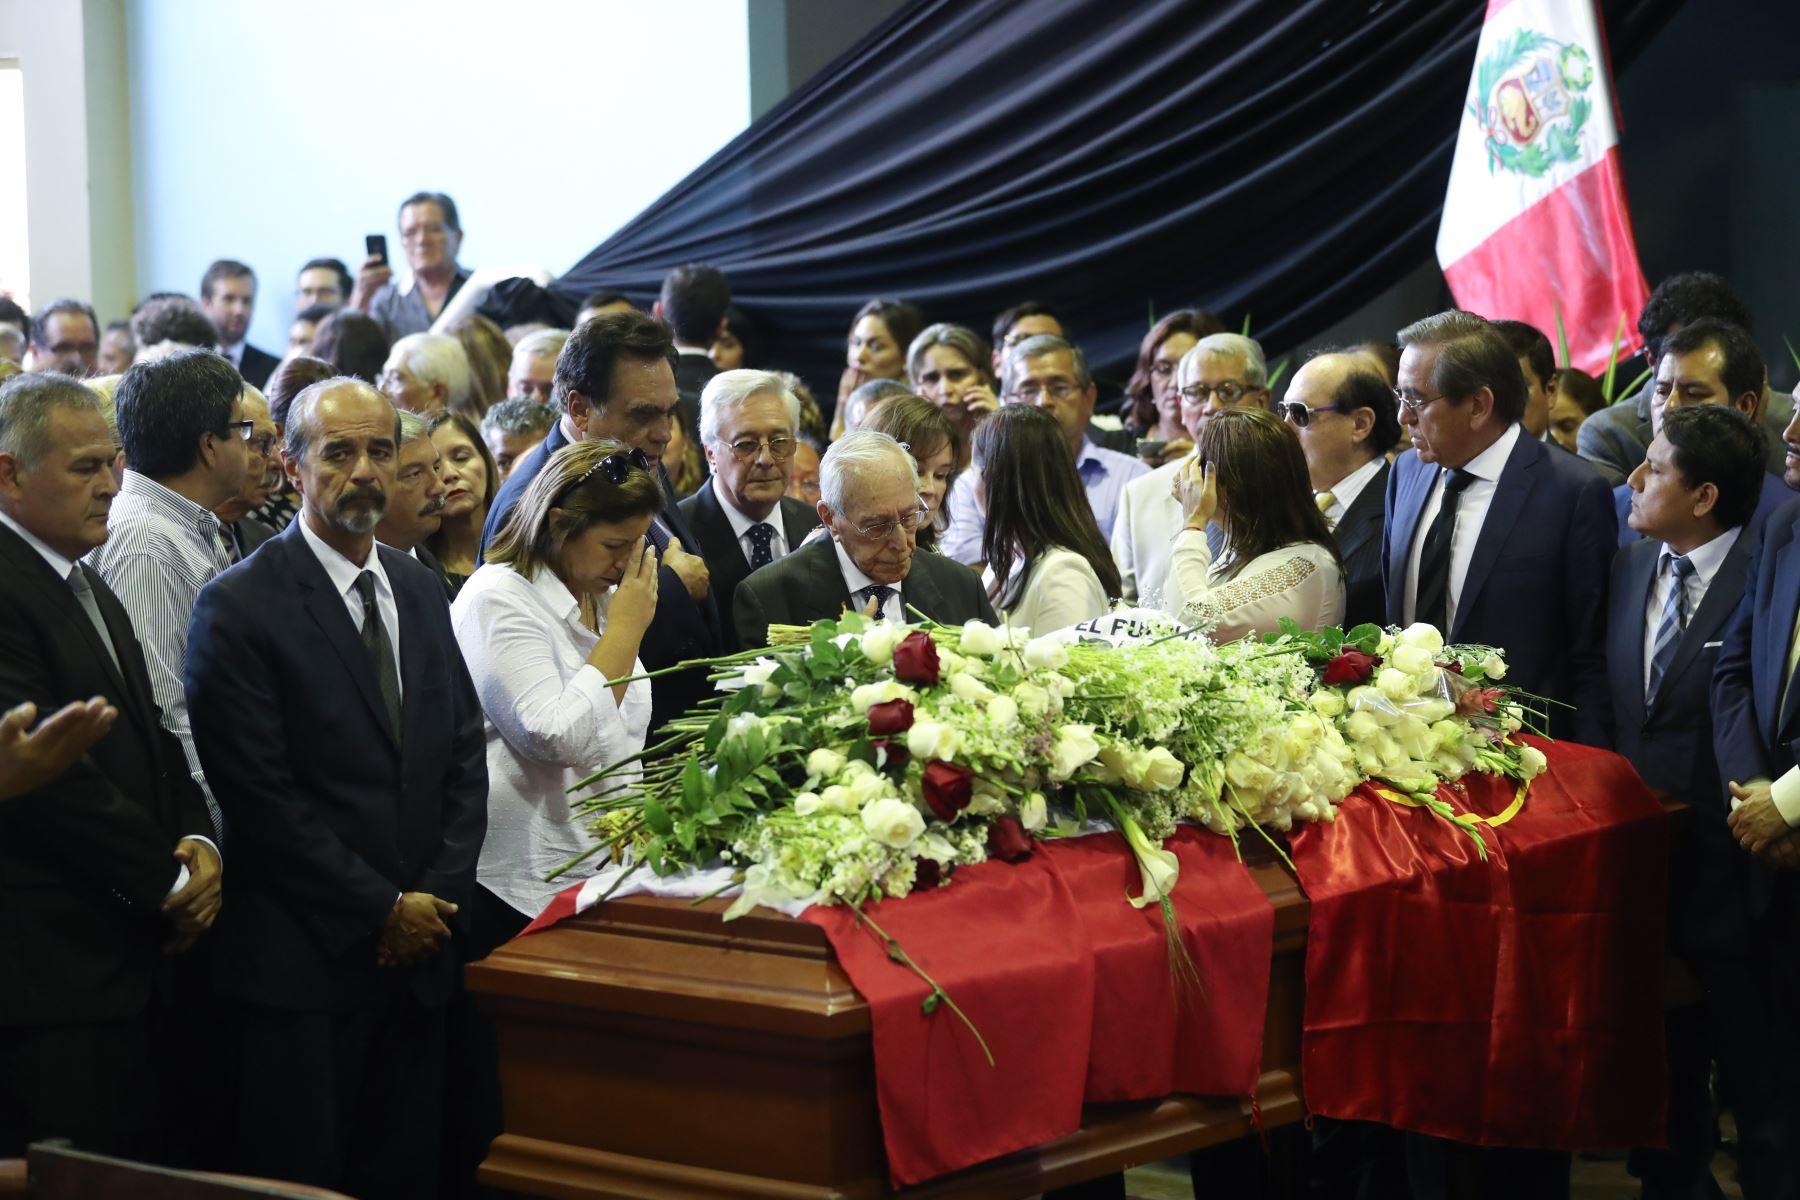 """Luis Bedoya Reyes llega a la """"Casa del Pueblo"""" para darle el último adiós al expresidente.  Foto: ANDINA/Juan Carlos Guzmán Negrini."""